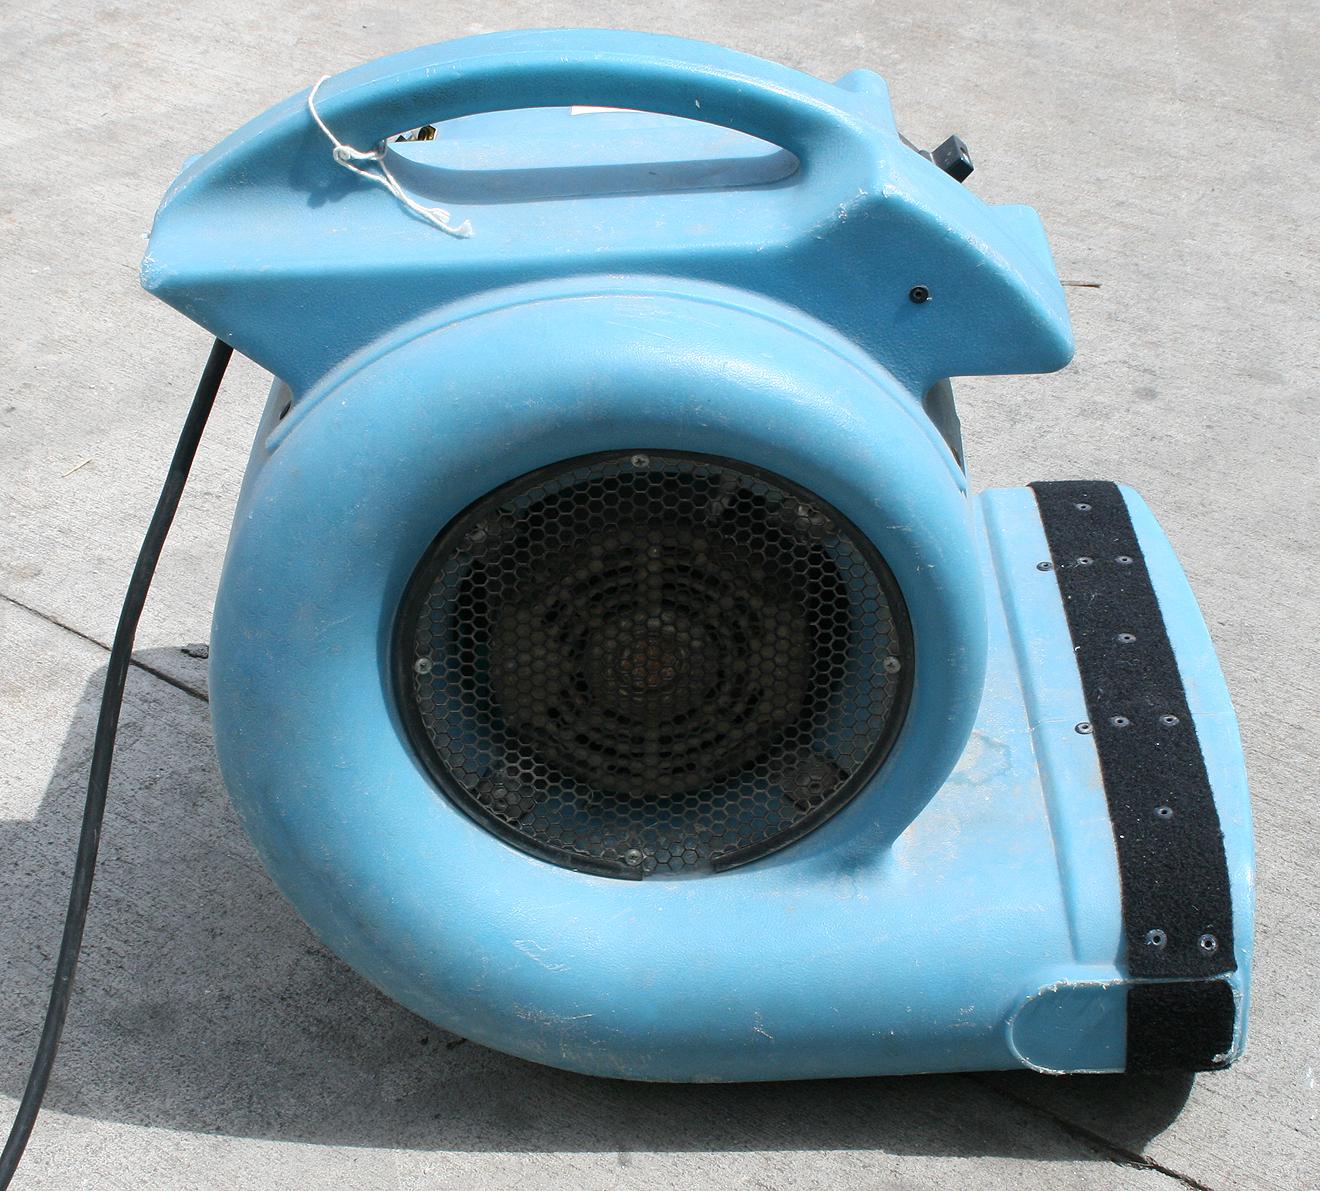 Carpet drying fan al carpet vidalondon for Floor drying fan rental